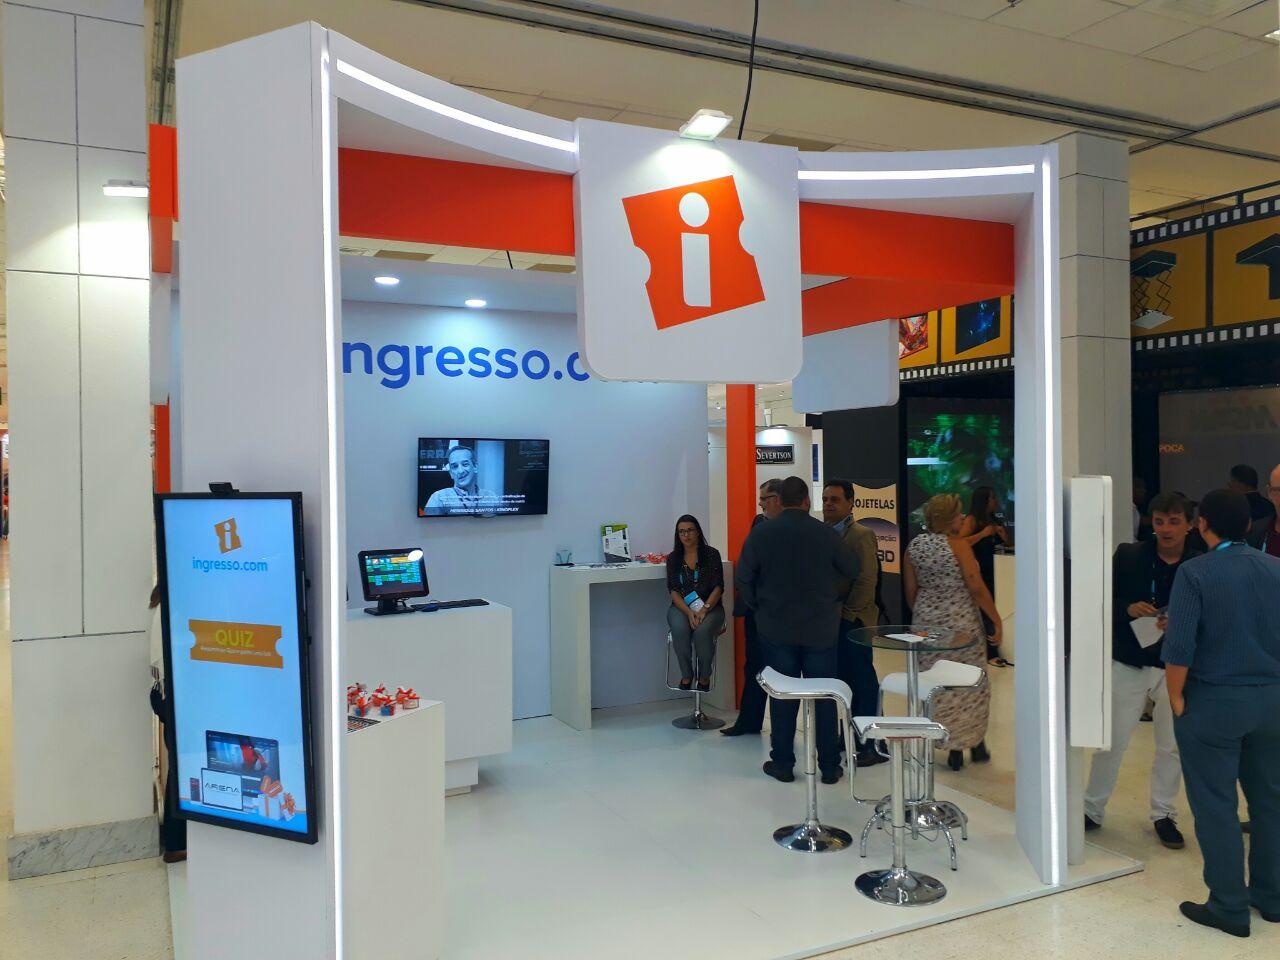 Montagem Ingresso.com - expo